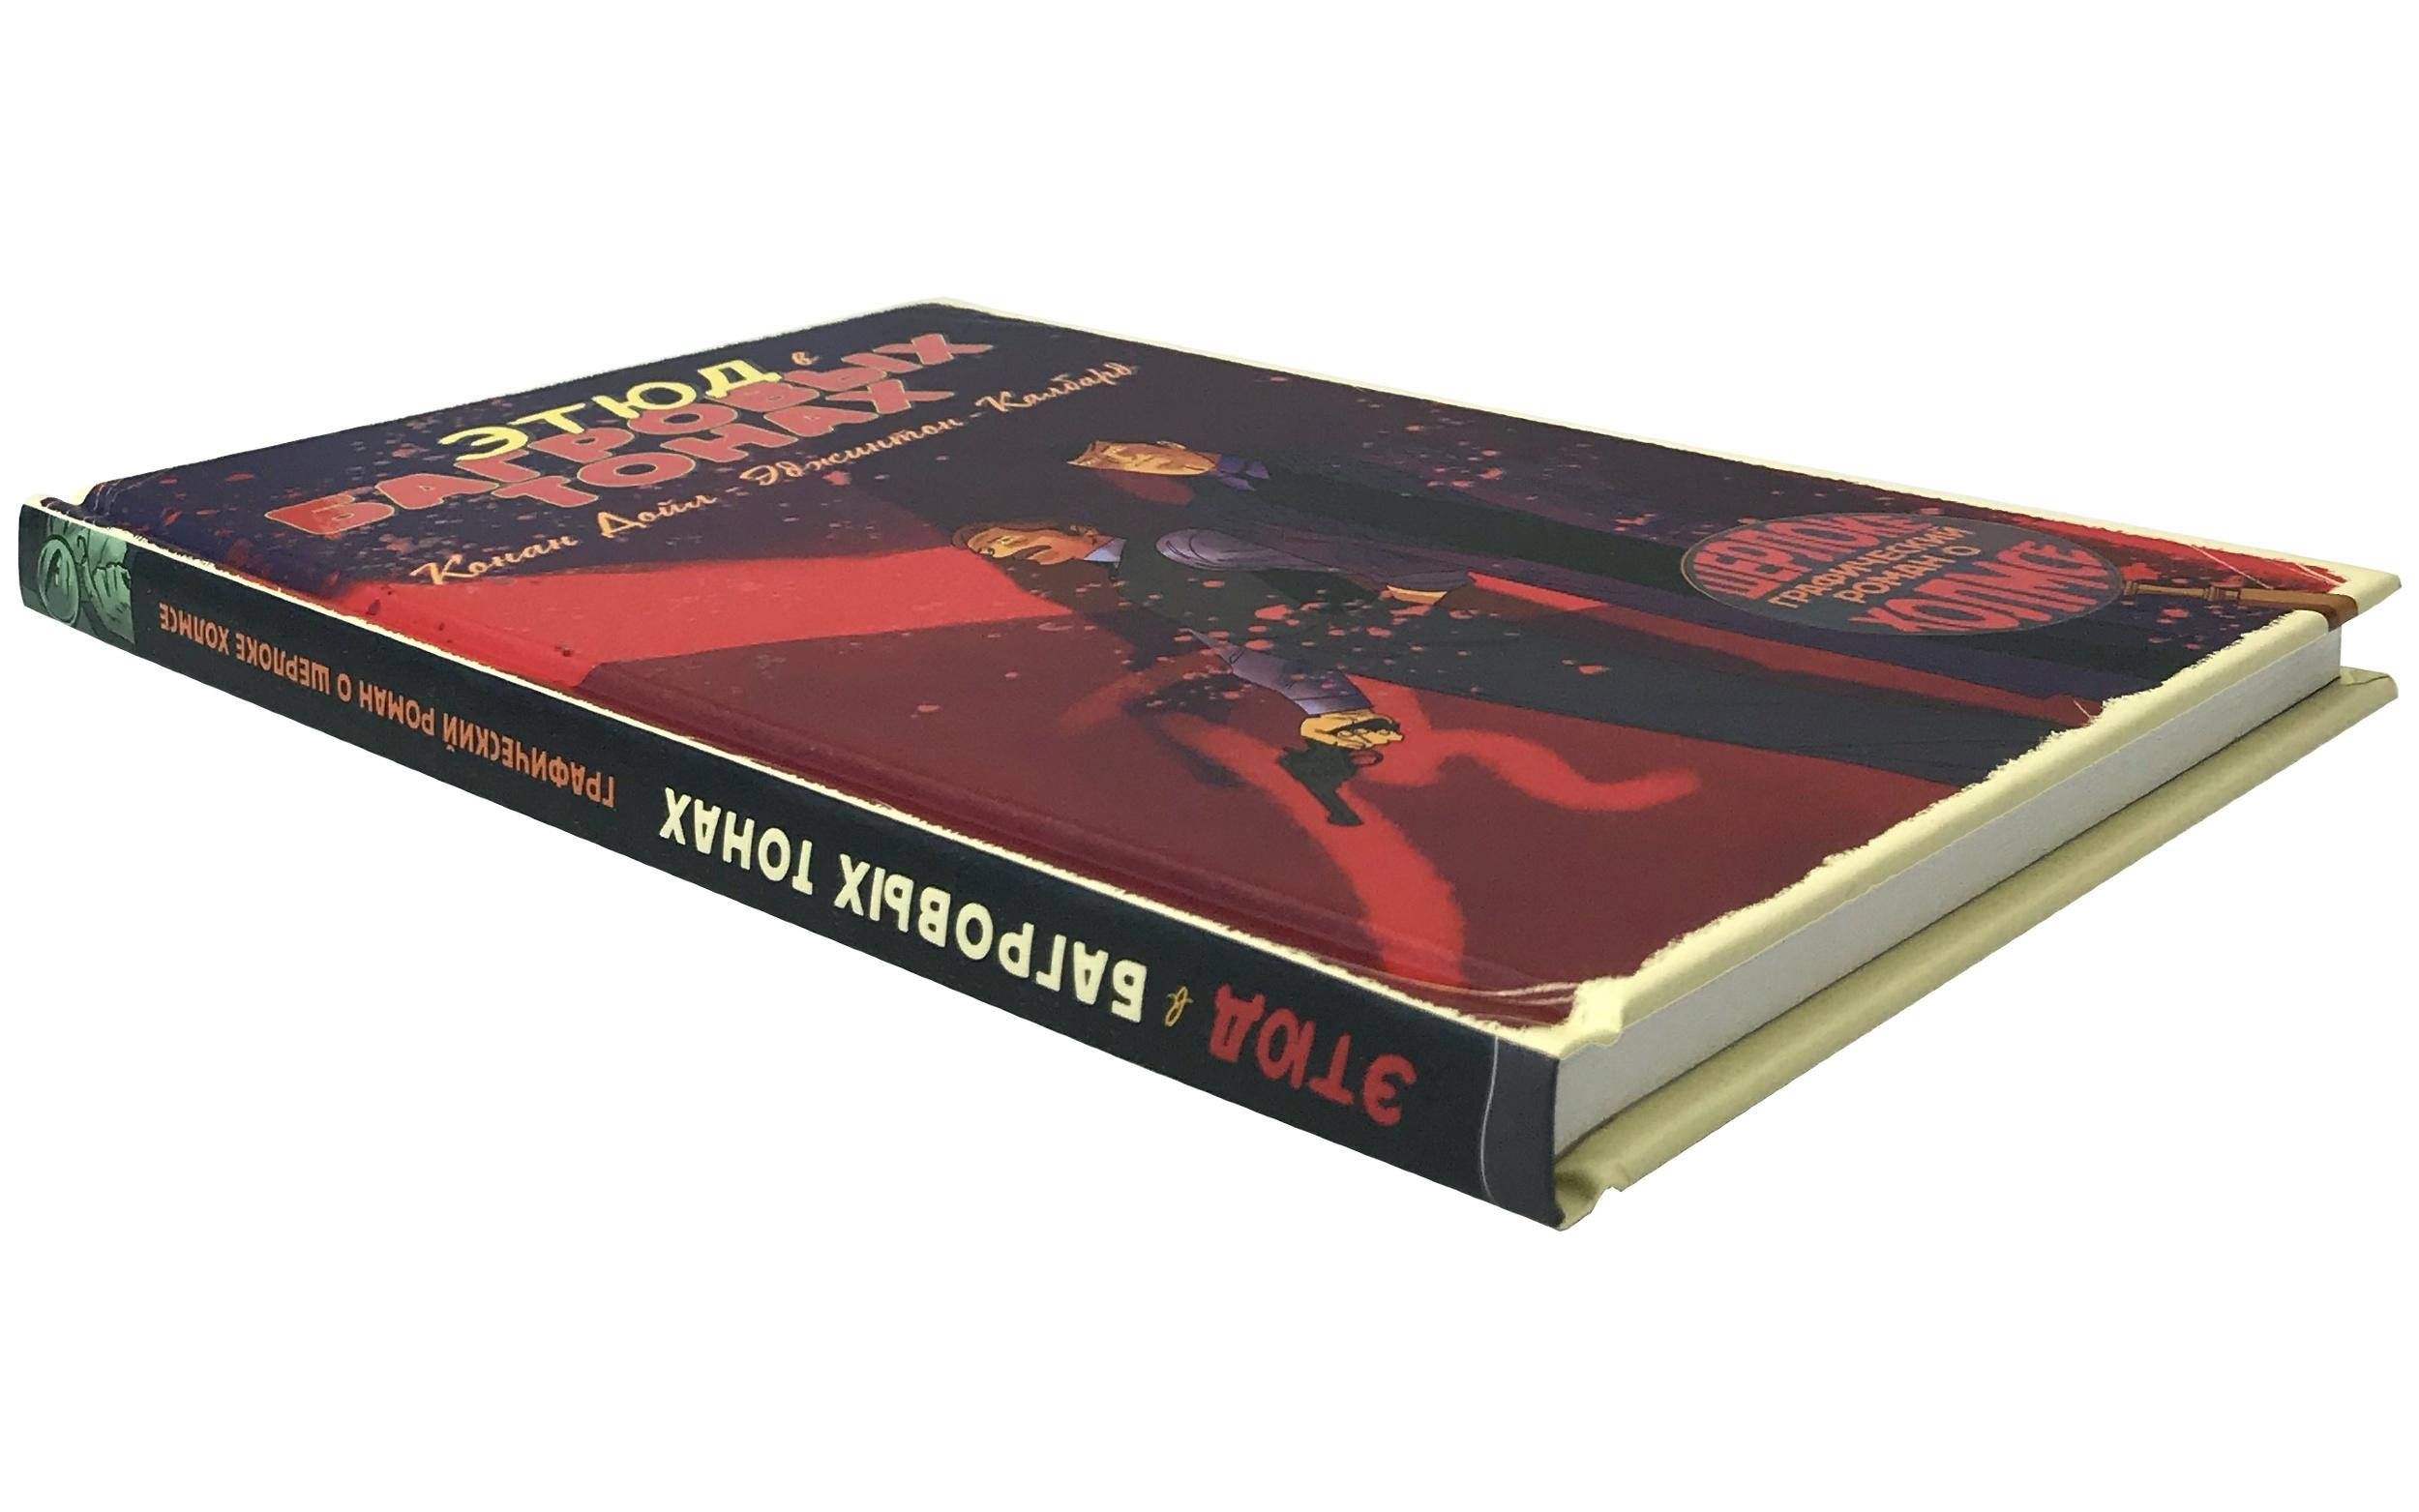 Шерлок Холмс в комиксах. Этюд в багровых тонах. Автор — Артур Конан Дойл, Я. Эджинтон.